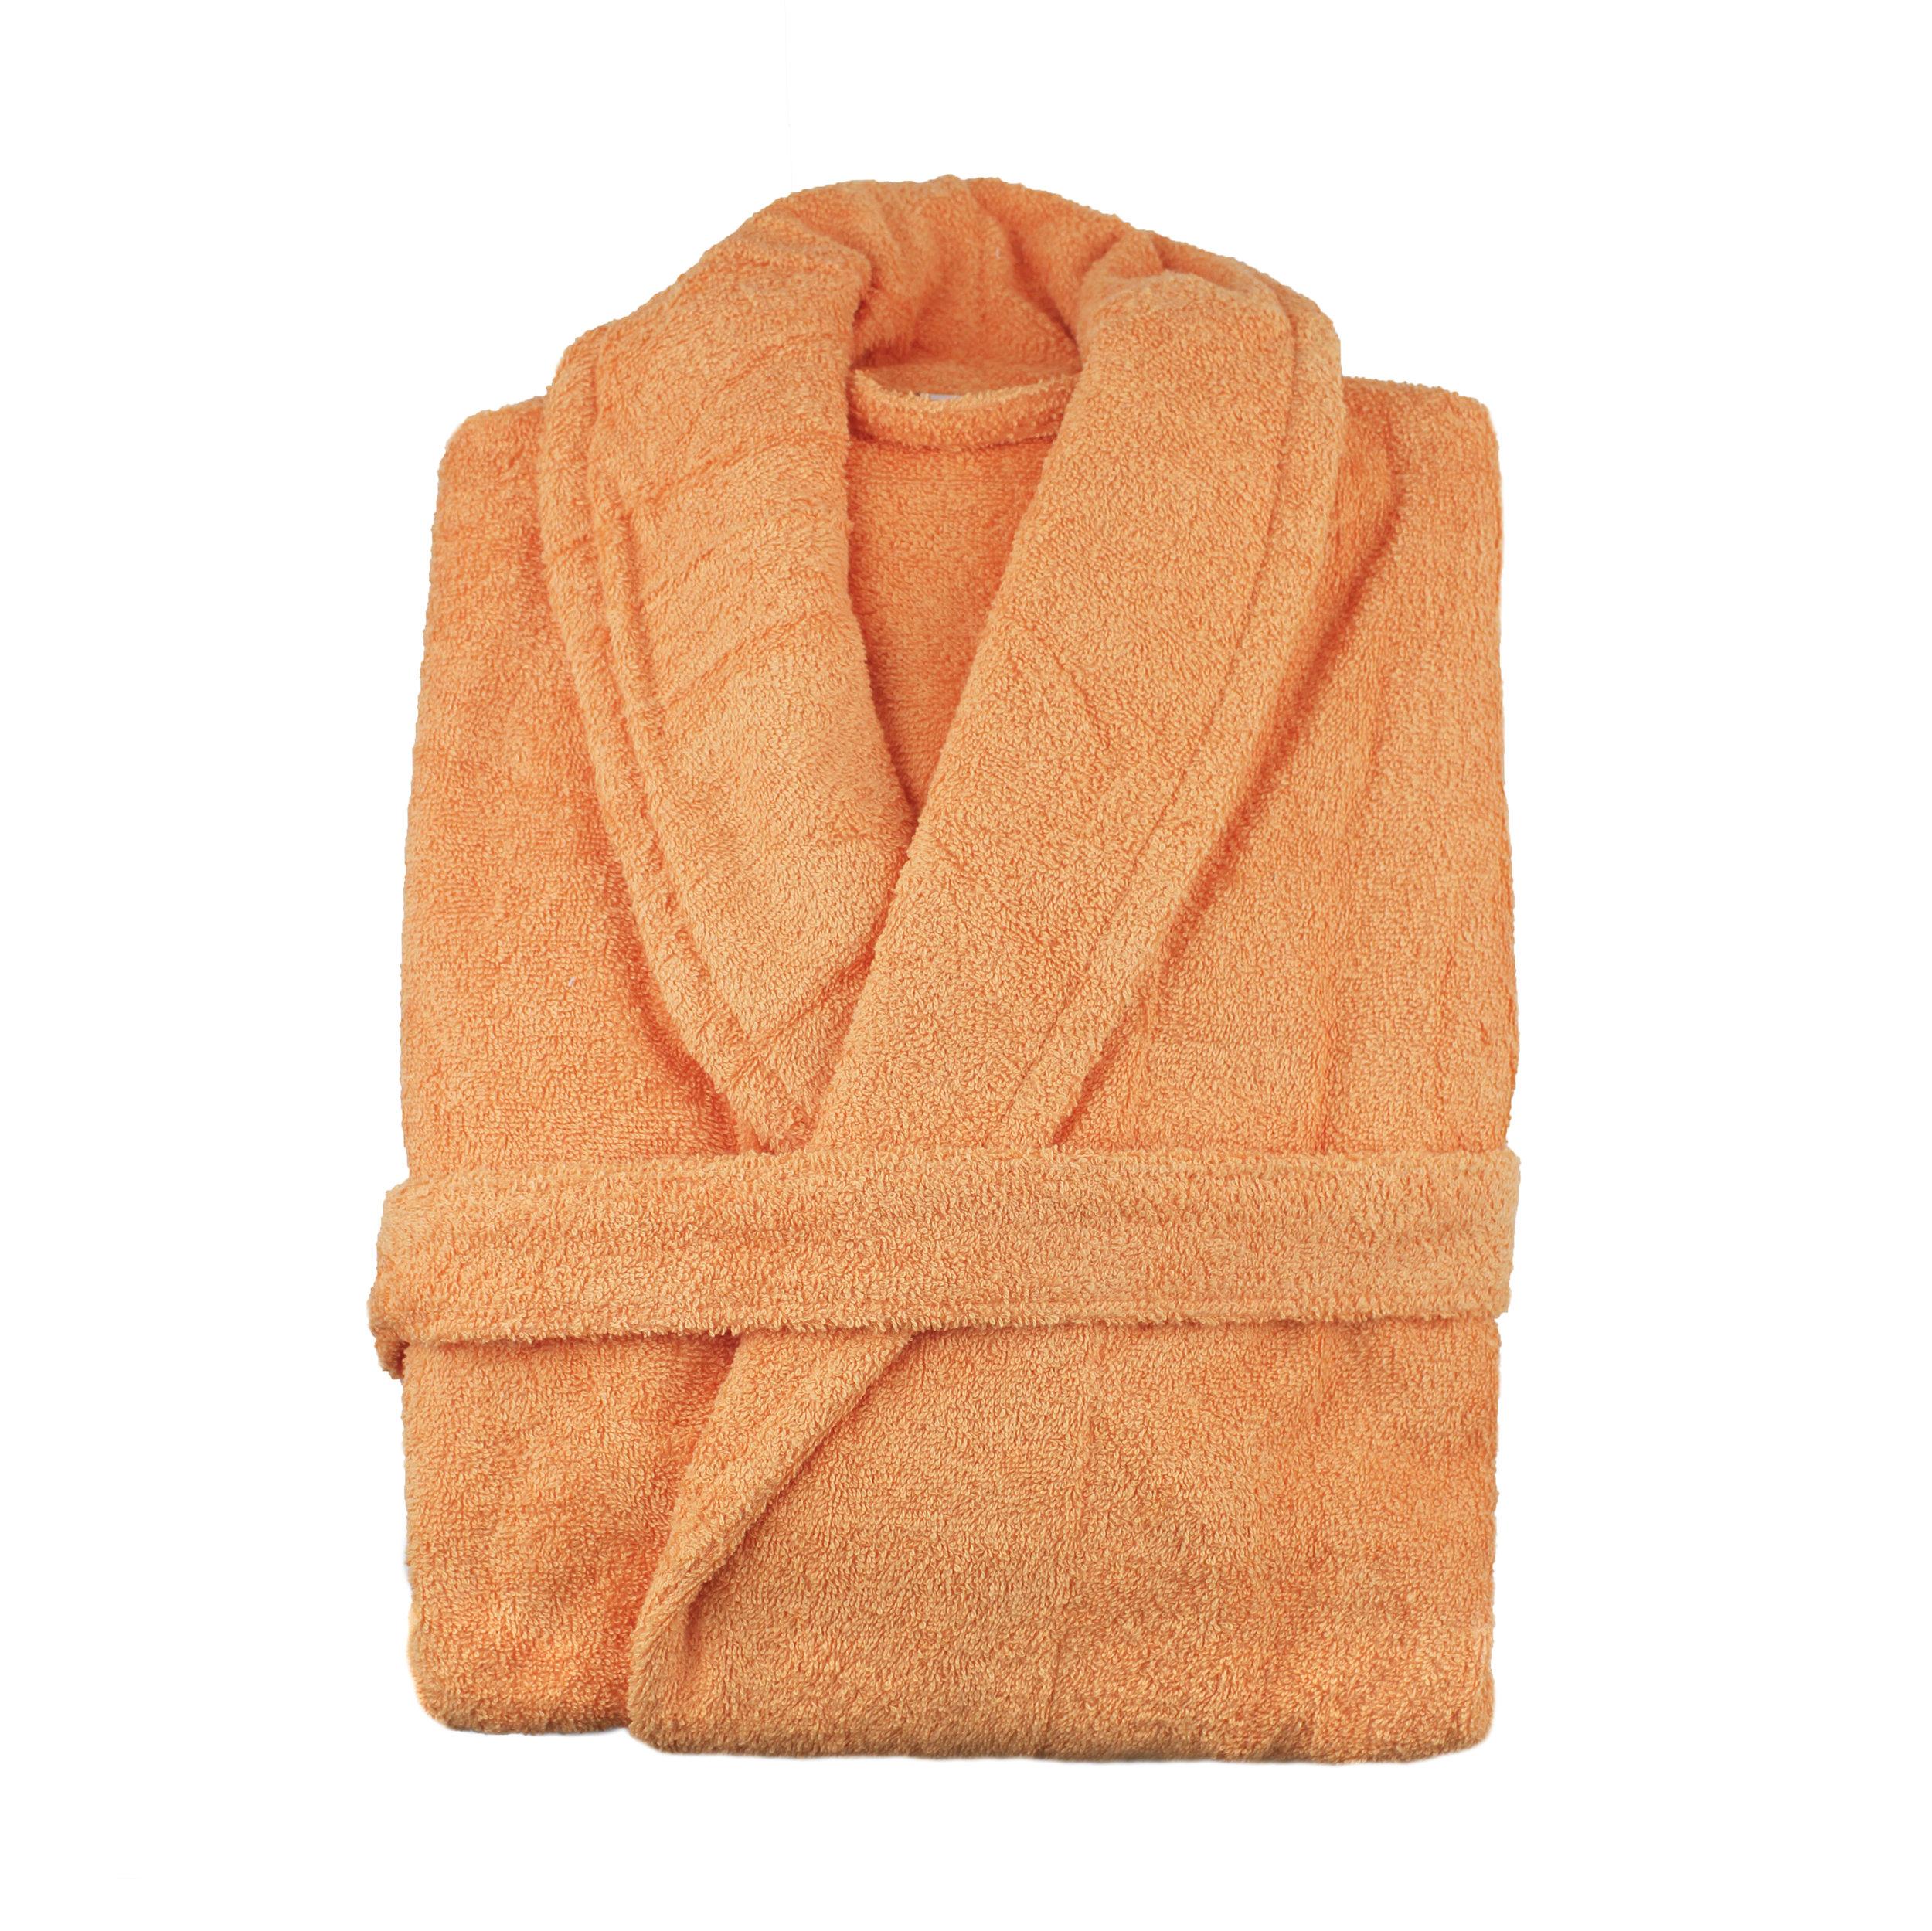 Turkish Bath Robe_Cantaloupe.jpg